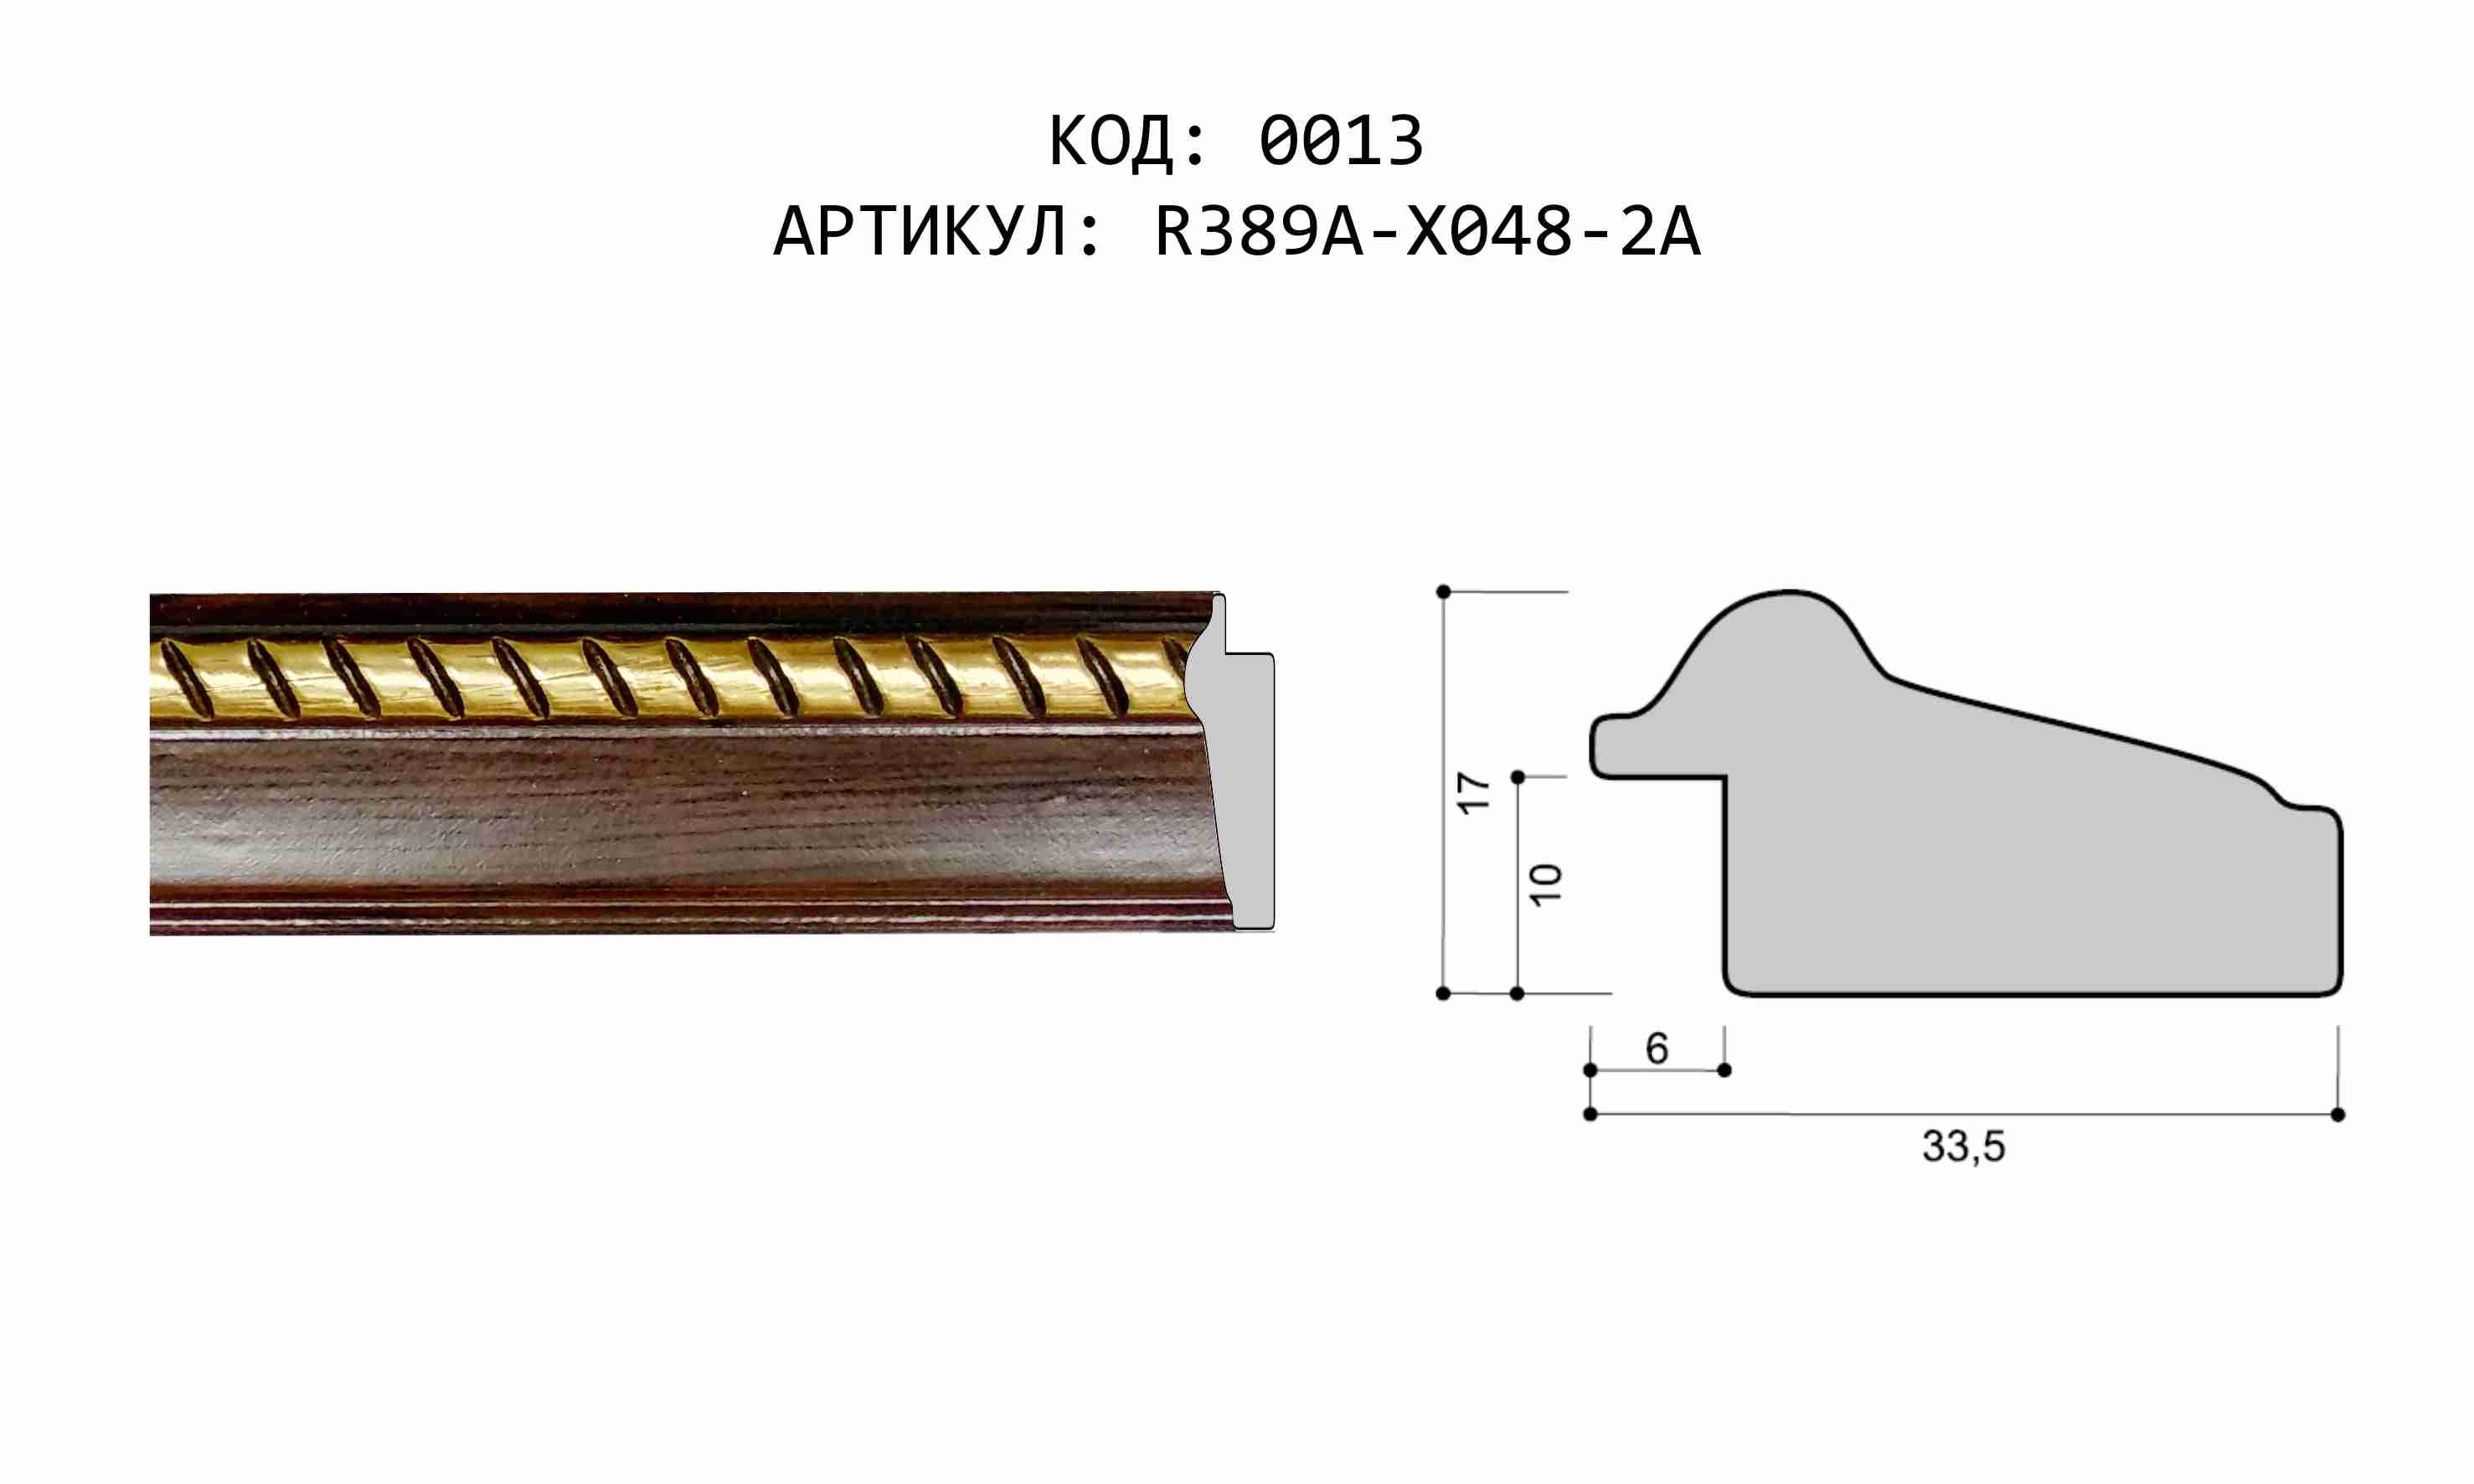 Артикул: R389A-X048-2A